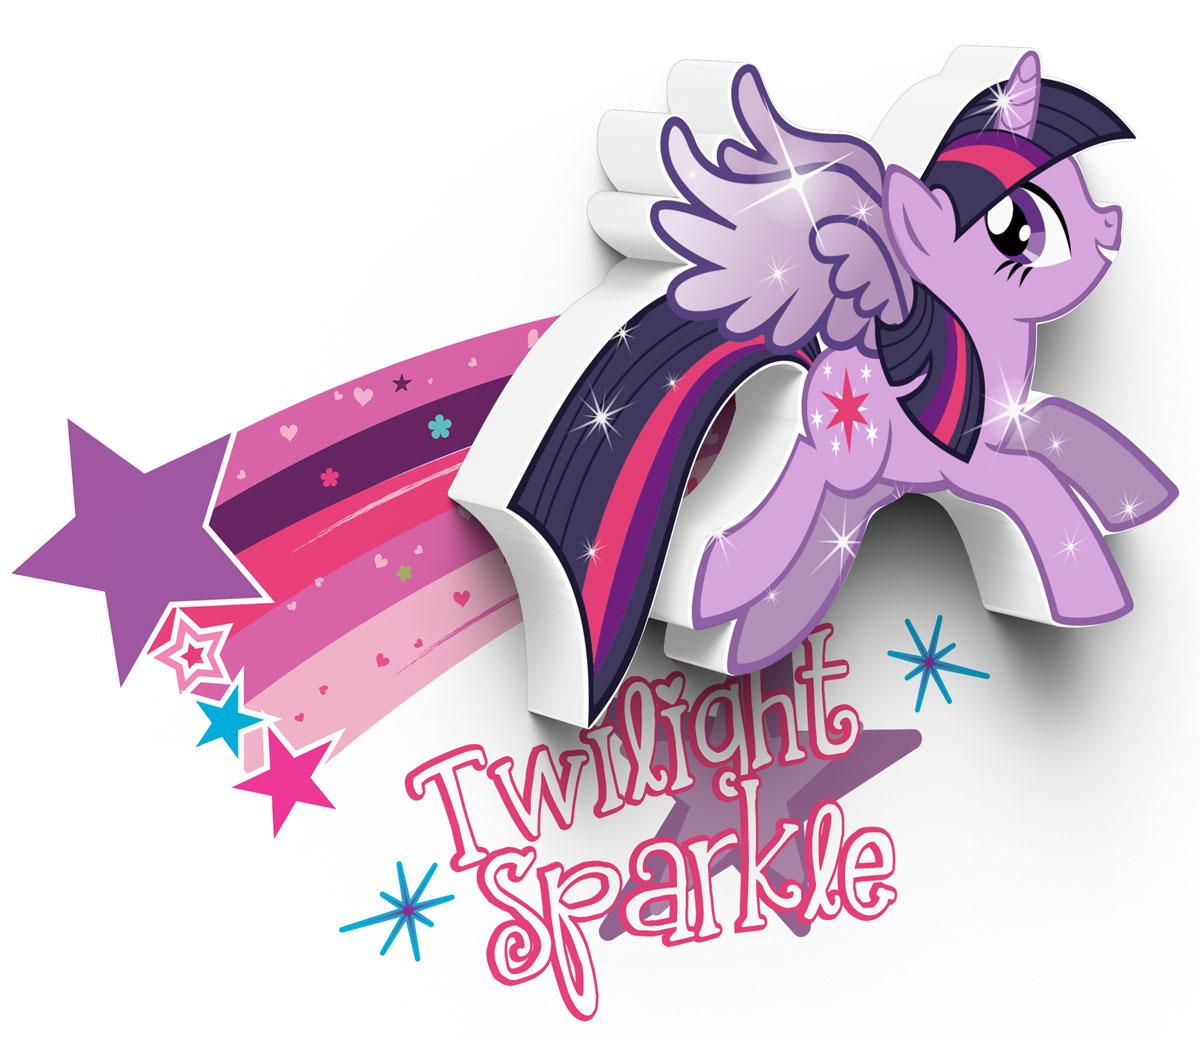 My Little Pony Пробивной 3D мини-светильник Twilight Sparkle4000912Безопасный: без проводов, работает от батареек (2хААА, не входят в комплект); Не нагревается: всегда можно дотронуться до изделия; Реалистичный:3D наклейка в комплекте; Фантастический: выглядит превосходно в любое время суток; Удобный: простая установка (автоматическое выключение через полчаса непрерывной работы). Товар предназначен для детей старше 3 лет. ВНИМАНИЕ! Содержит мелкие детали, использовать под непосредственным наблюдением взрослых. Страна происхождения: Китай. Дизайн и разработка: Канада.